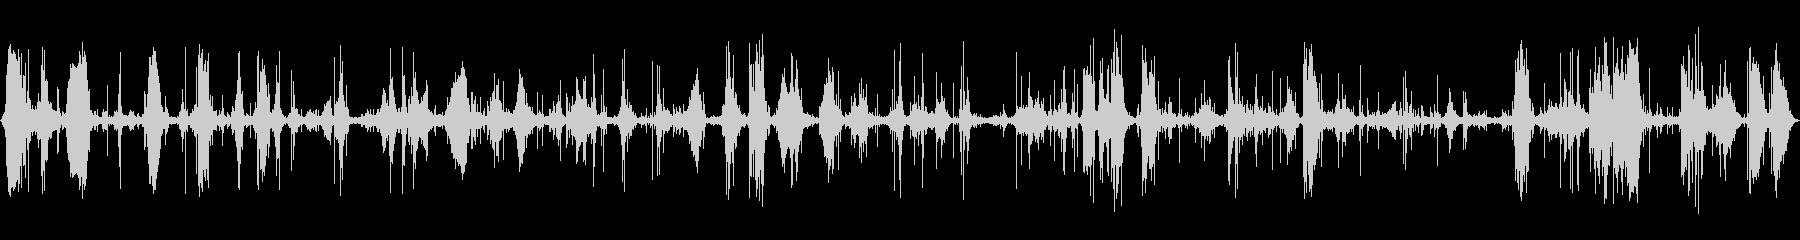 ザザーン (波の音、近く)の未再生の波形